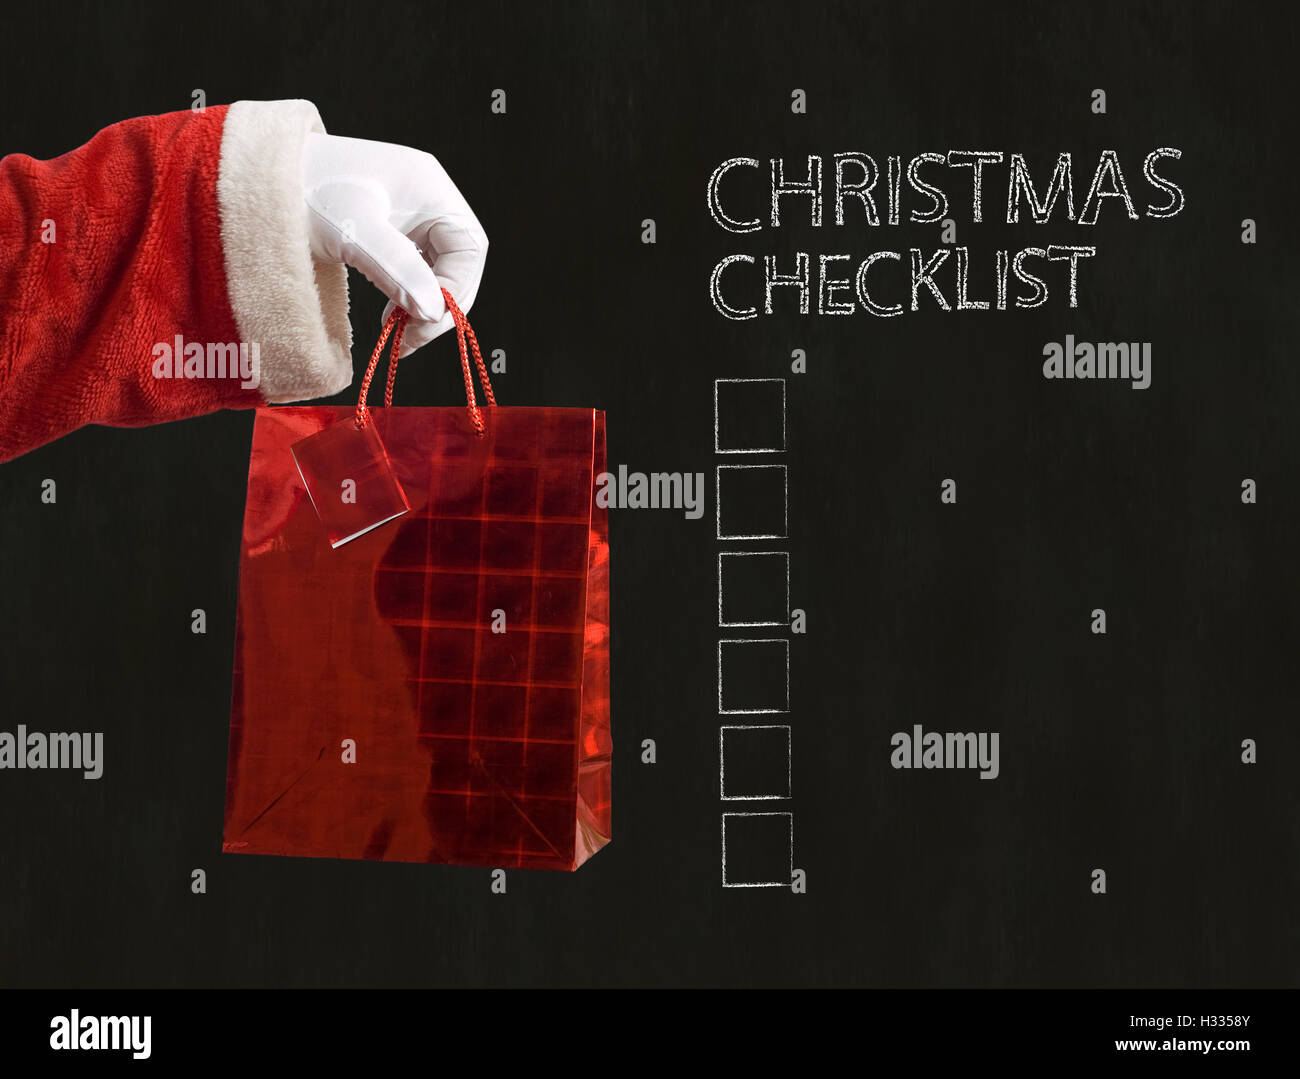 Vater Weihnachten und Weihnachts-Checkliste Stockfoto, Bild ...